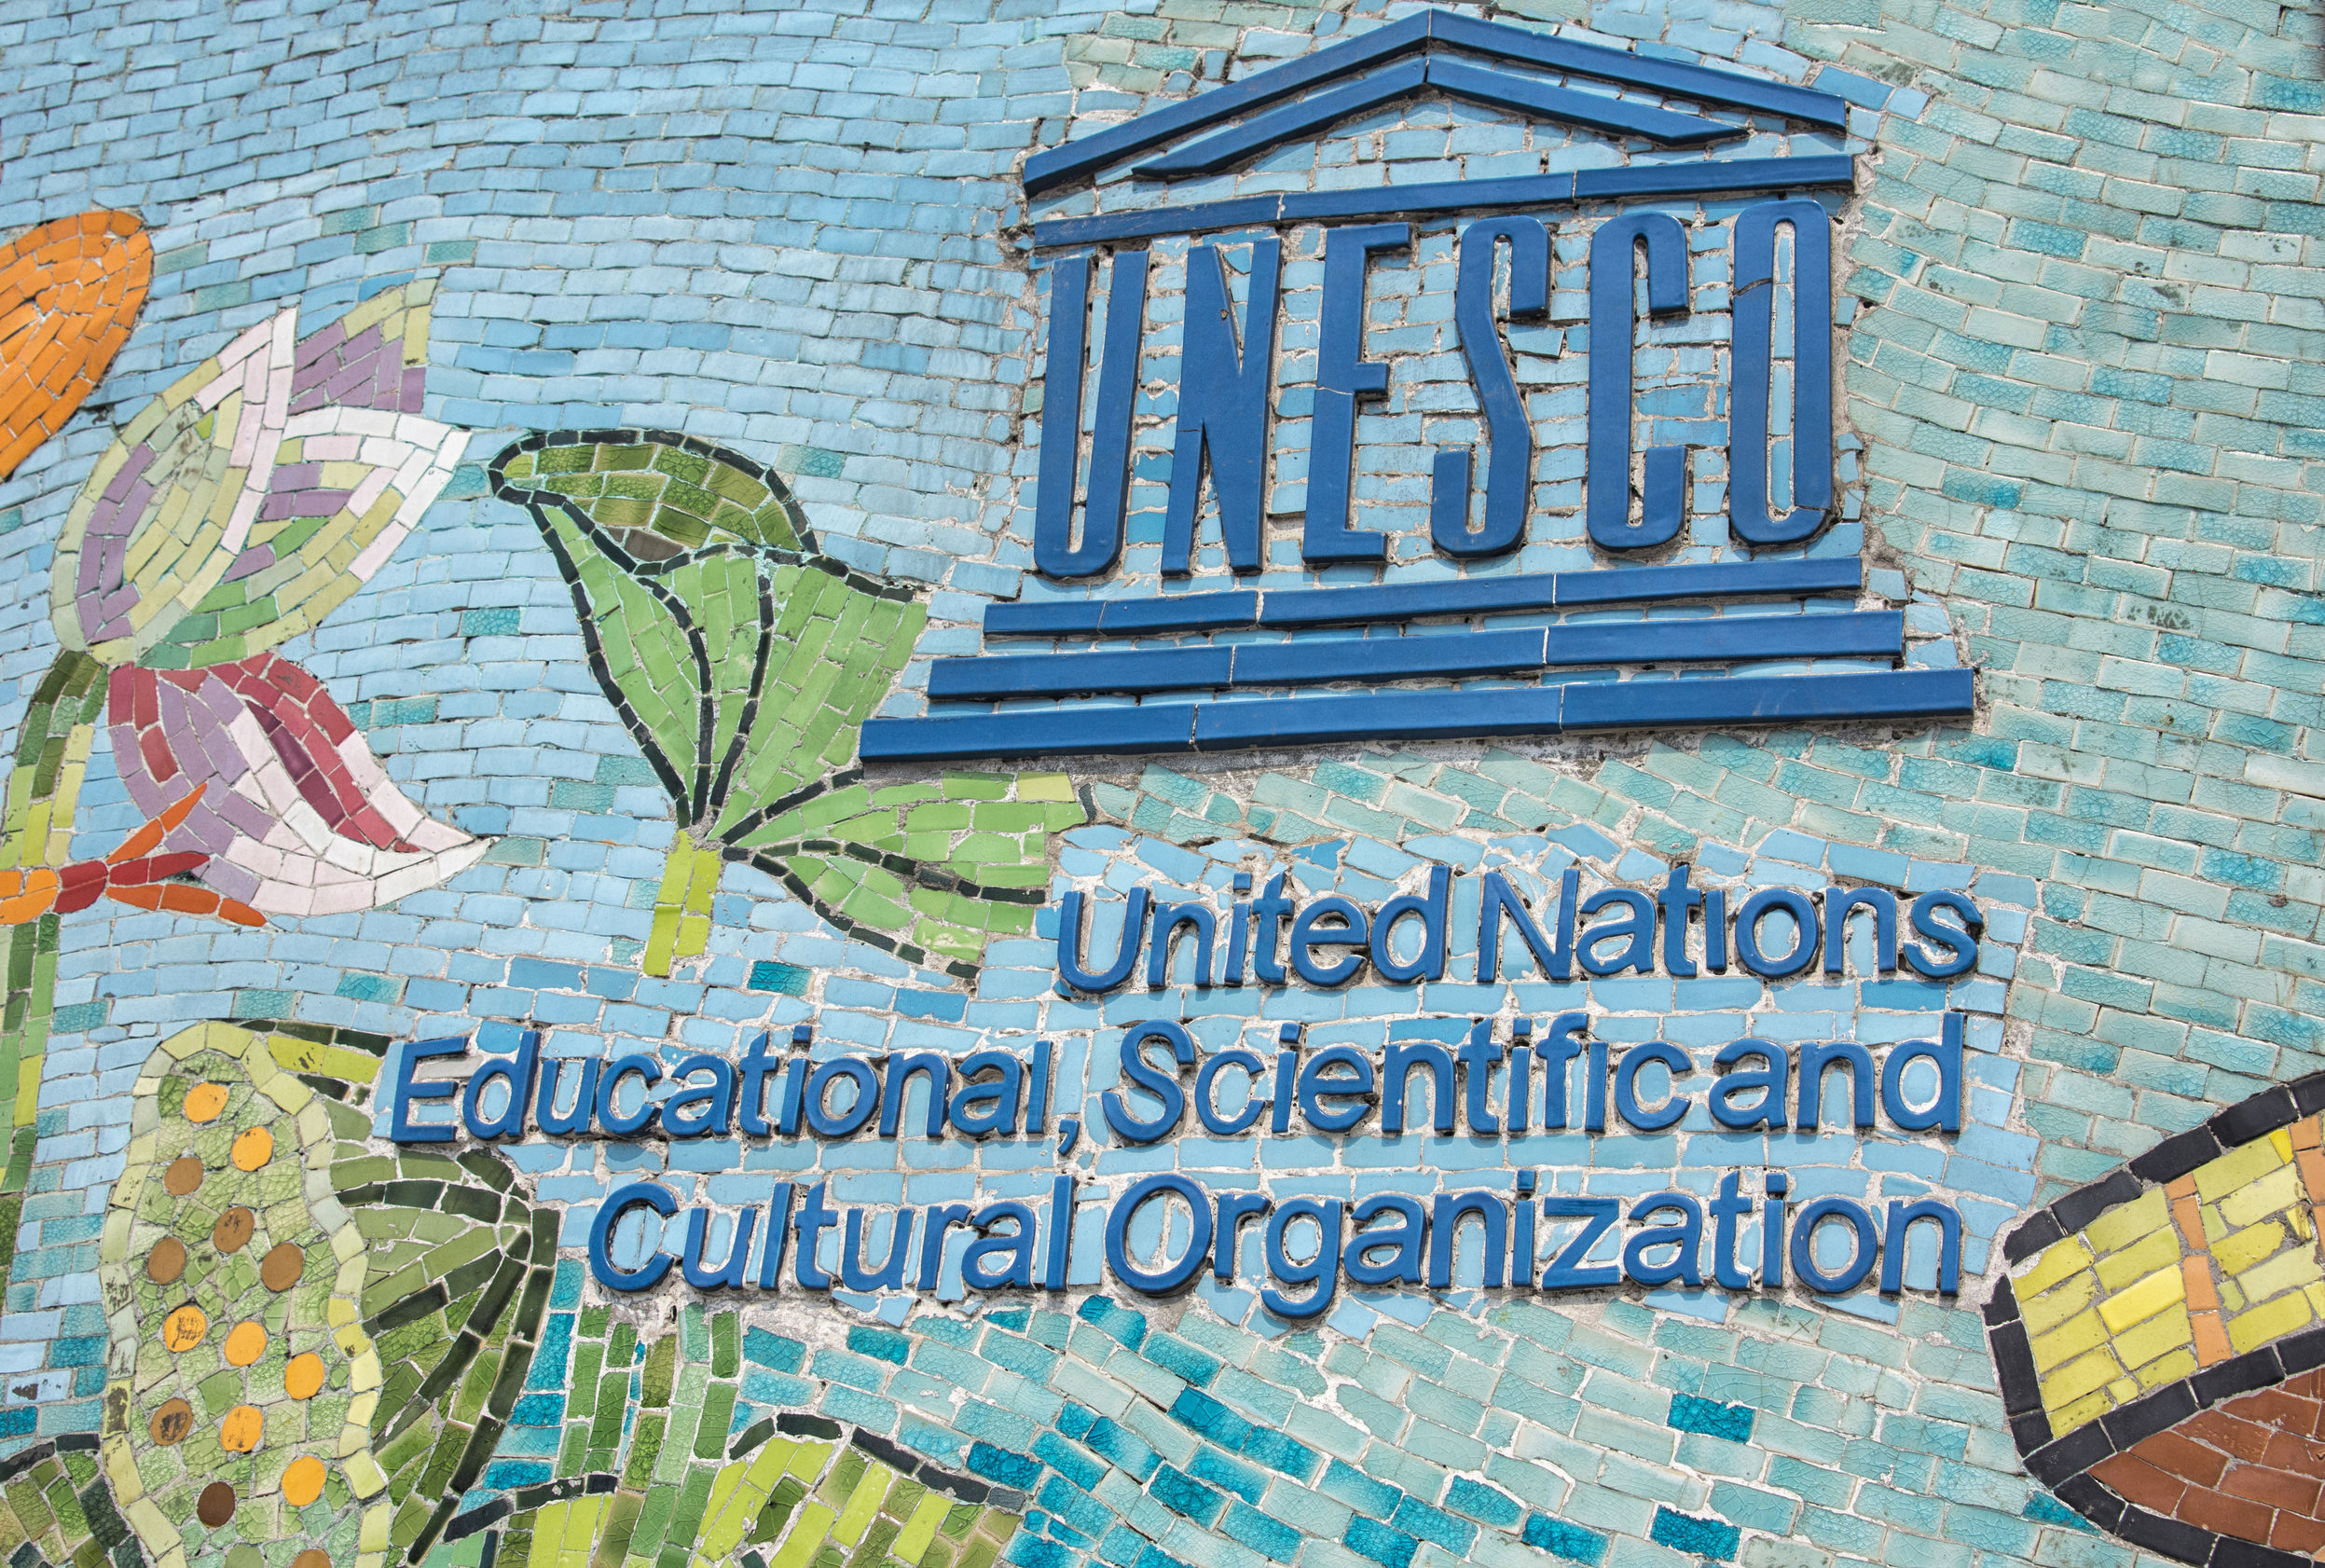 BREAKING: Administraţia Trump a retras Statele Unite din UNESCO. Organizaţia a reacţionat imediat